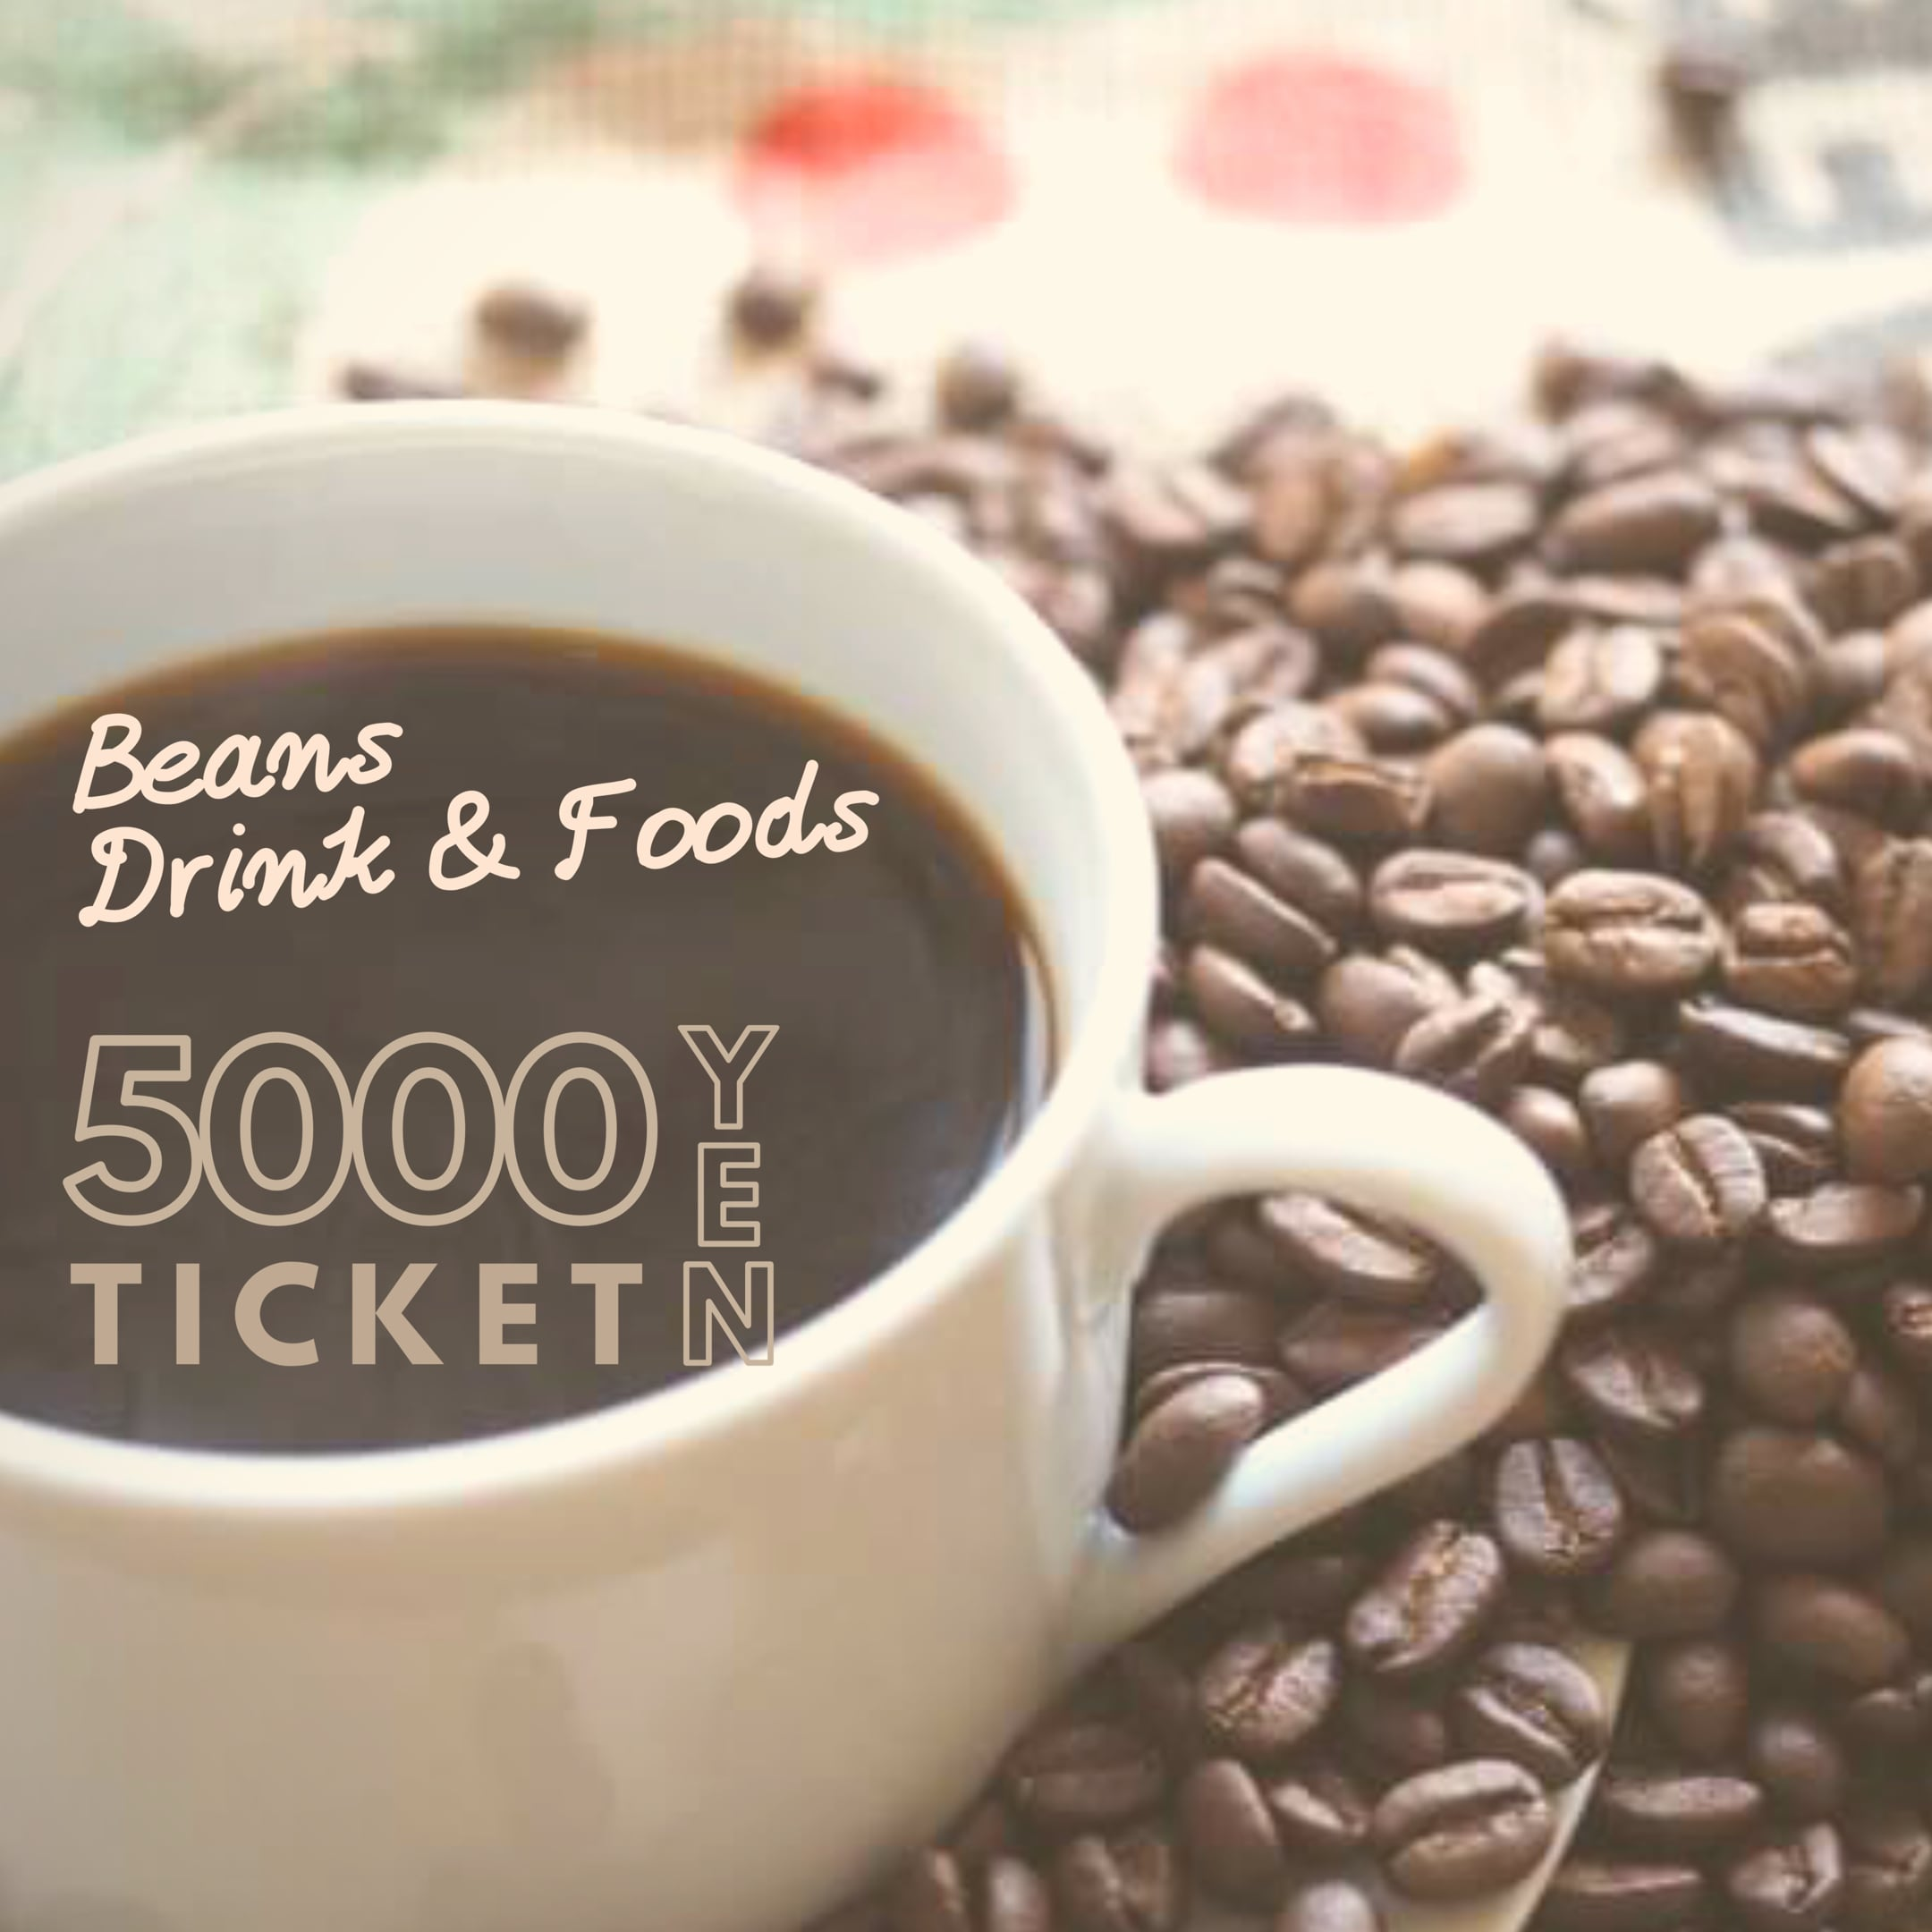 [現地払い可]5,000円チケット/コーヒー豆/ドリンク/フード専用のイメージその1